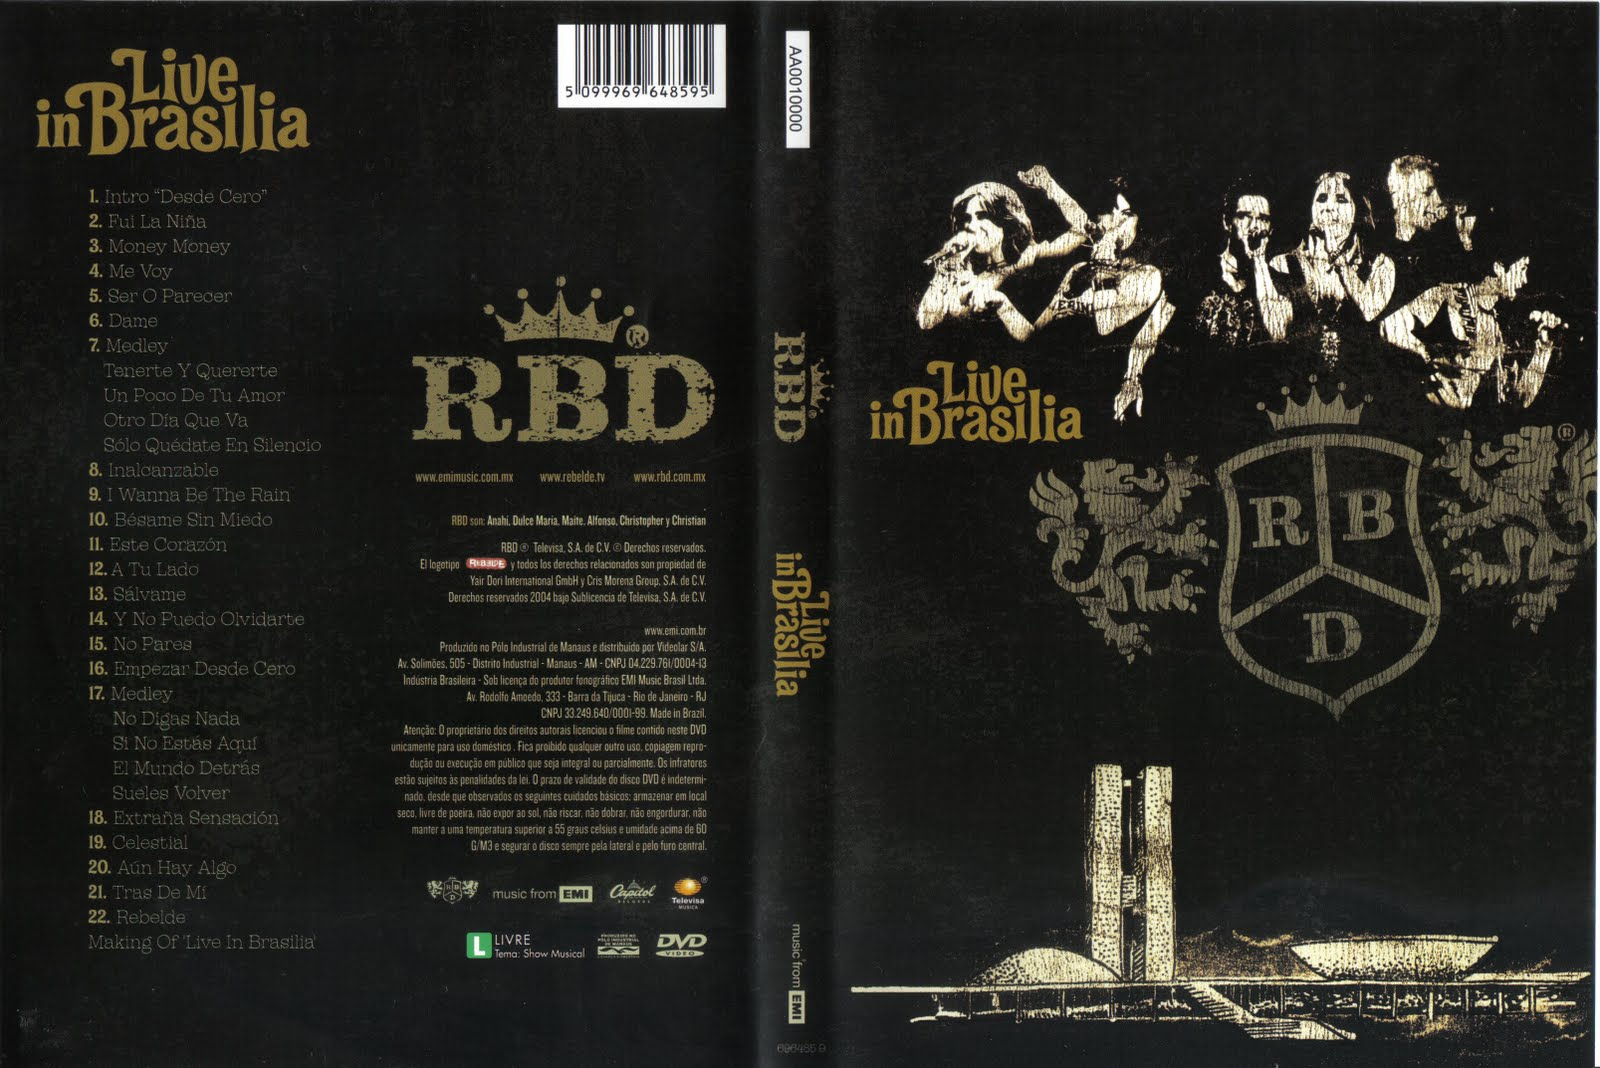 BRASILIA AO GRATIS CD RBD LIVE IN BAIXAR VIVO